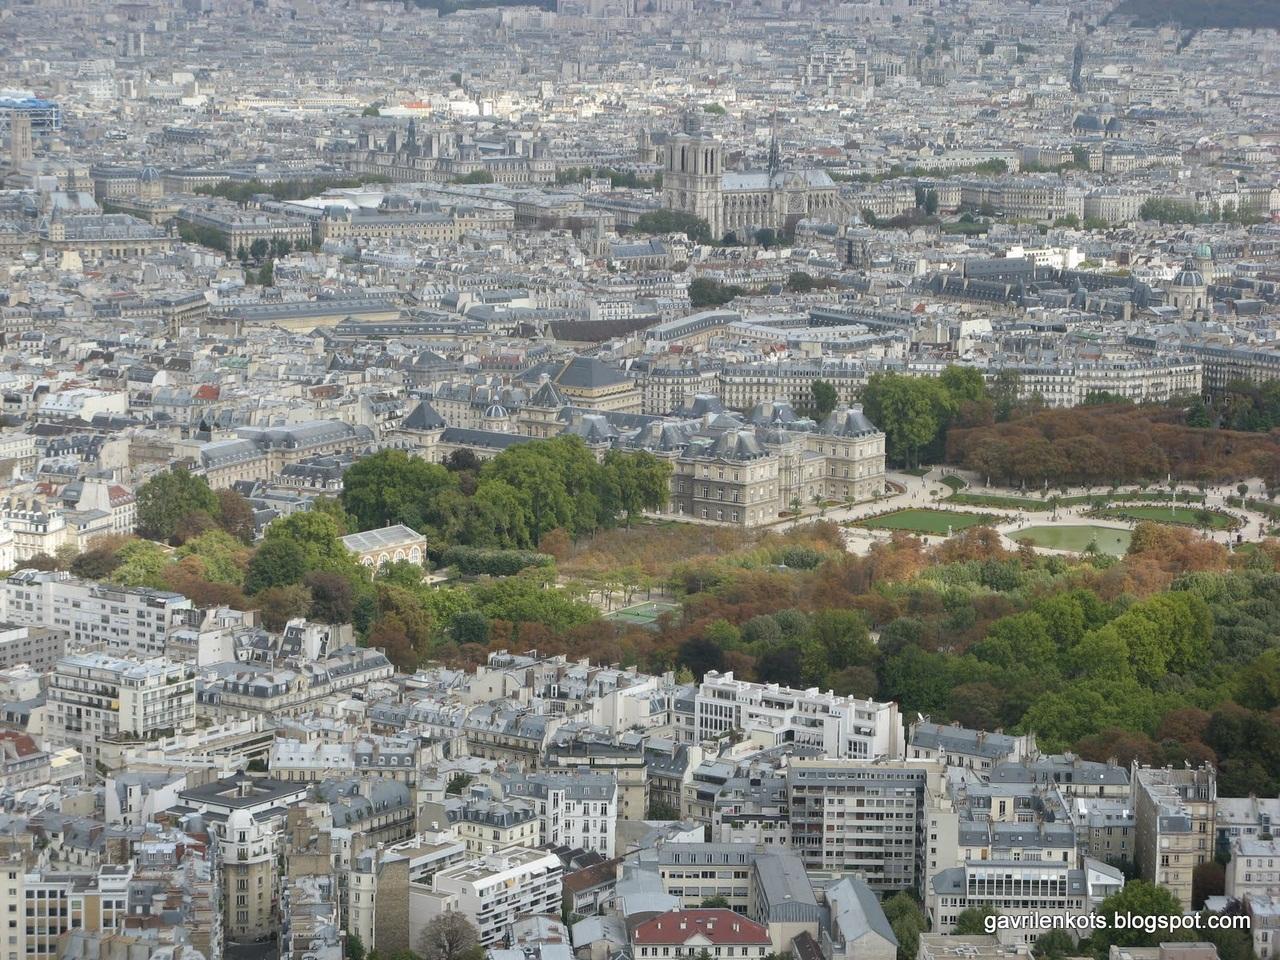 Панорама Парижа с Монпарнаса. 210 м. Зелень - это Люксембургский сад, чуть дальше - Нотр-Дам де Пари